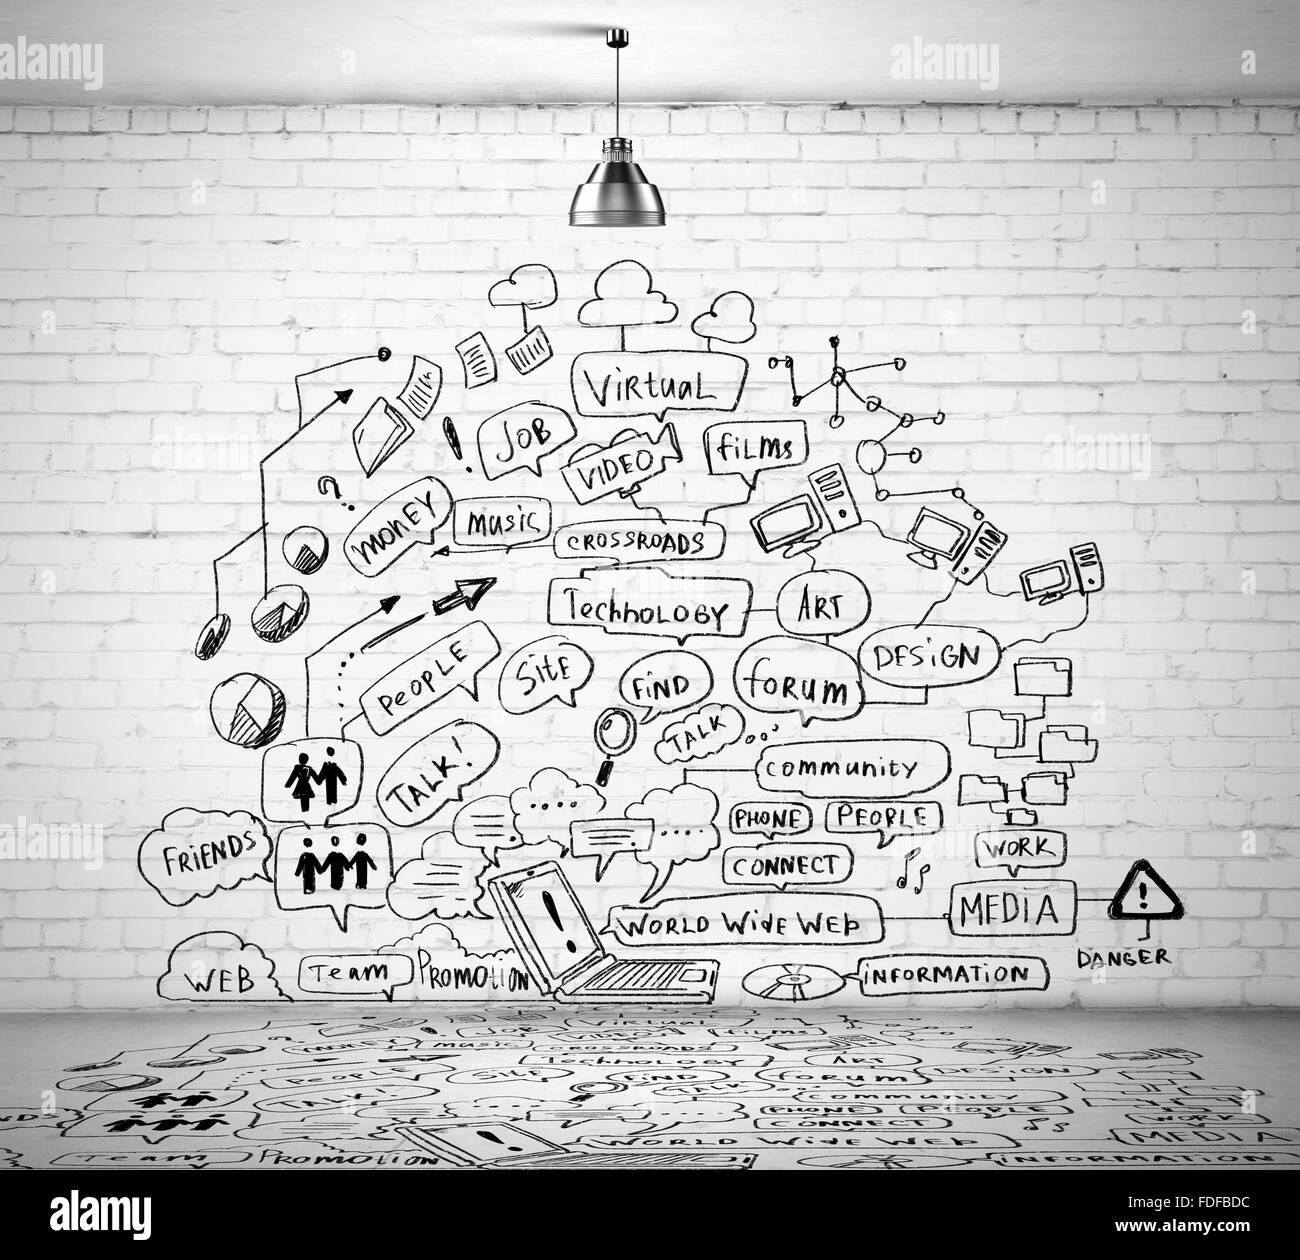 Skizze Zeichnung Mit Ideen An Wand Collage Stockfoto Bild